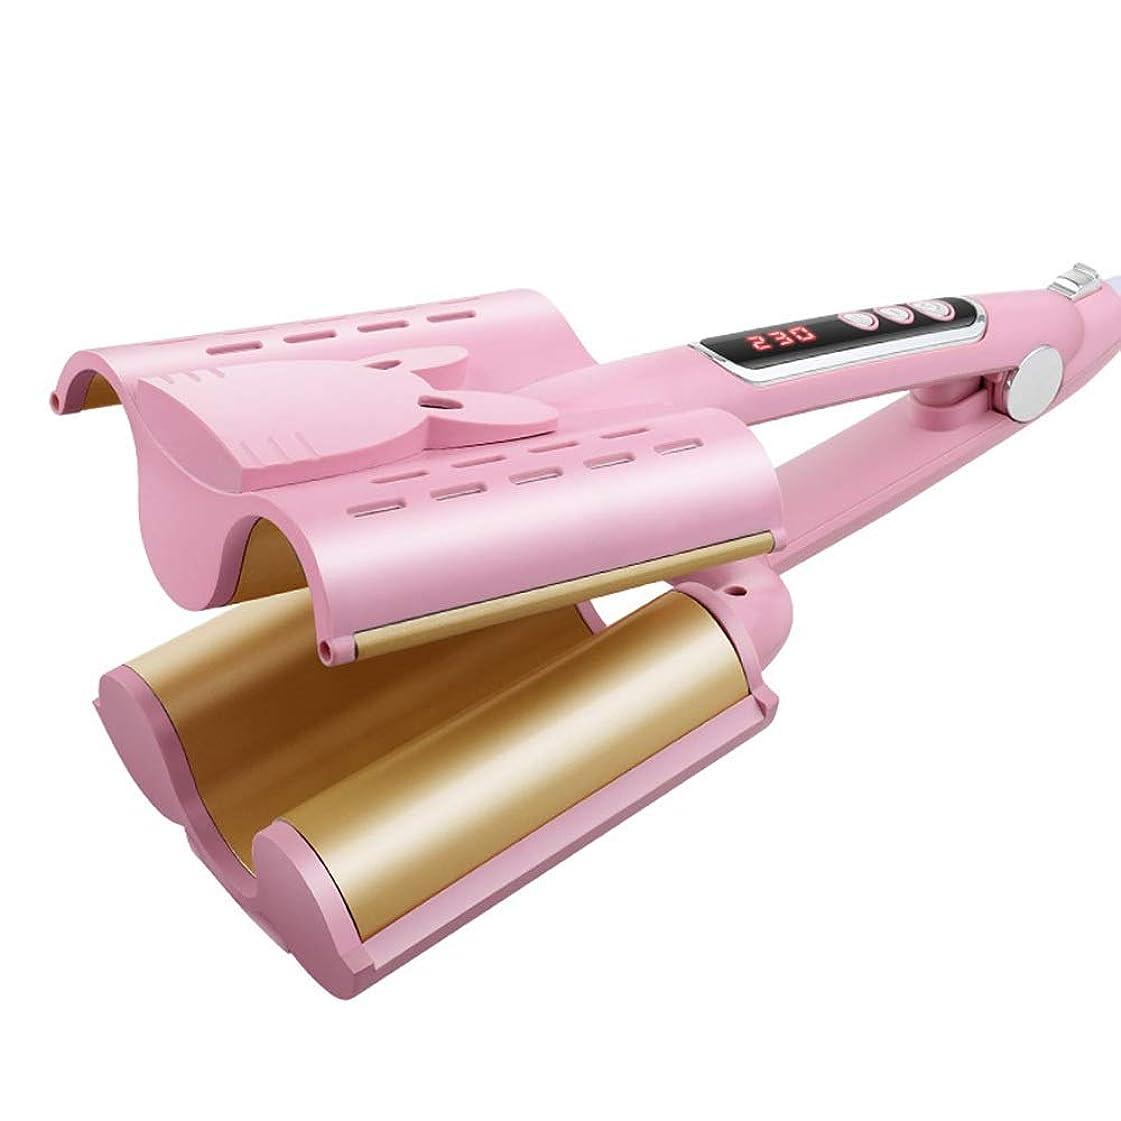 材料いいね寸前VDGHA セラミックコーティングをトルマリン、アンチ火傷絶縁ヒントサロンカーラーウェイバーメーカーアイロンで髪カーリングワンド (色 : ピンク, サイズ : 32mm)